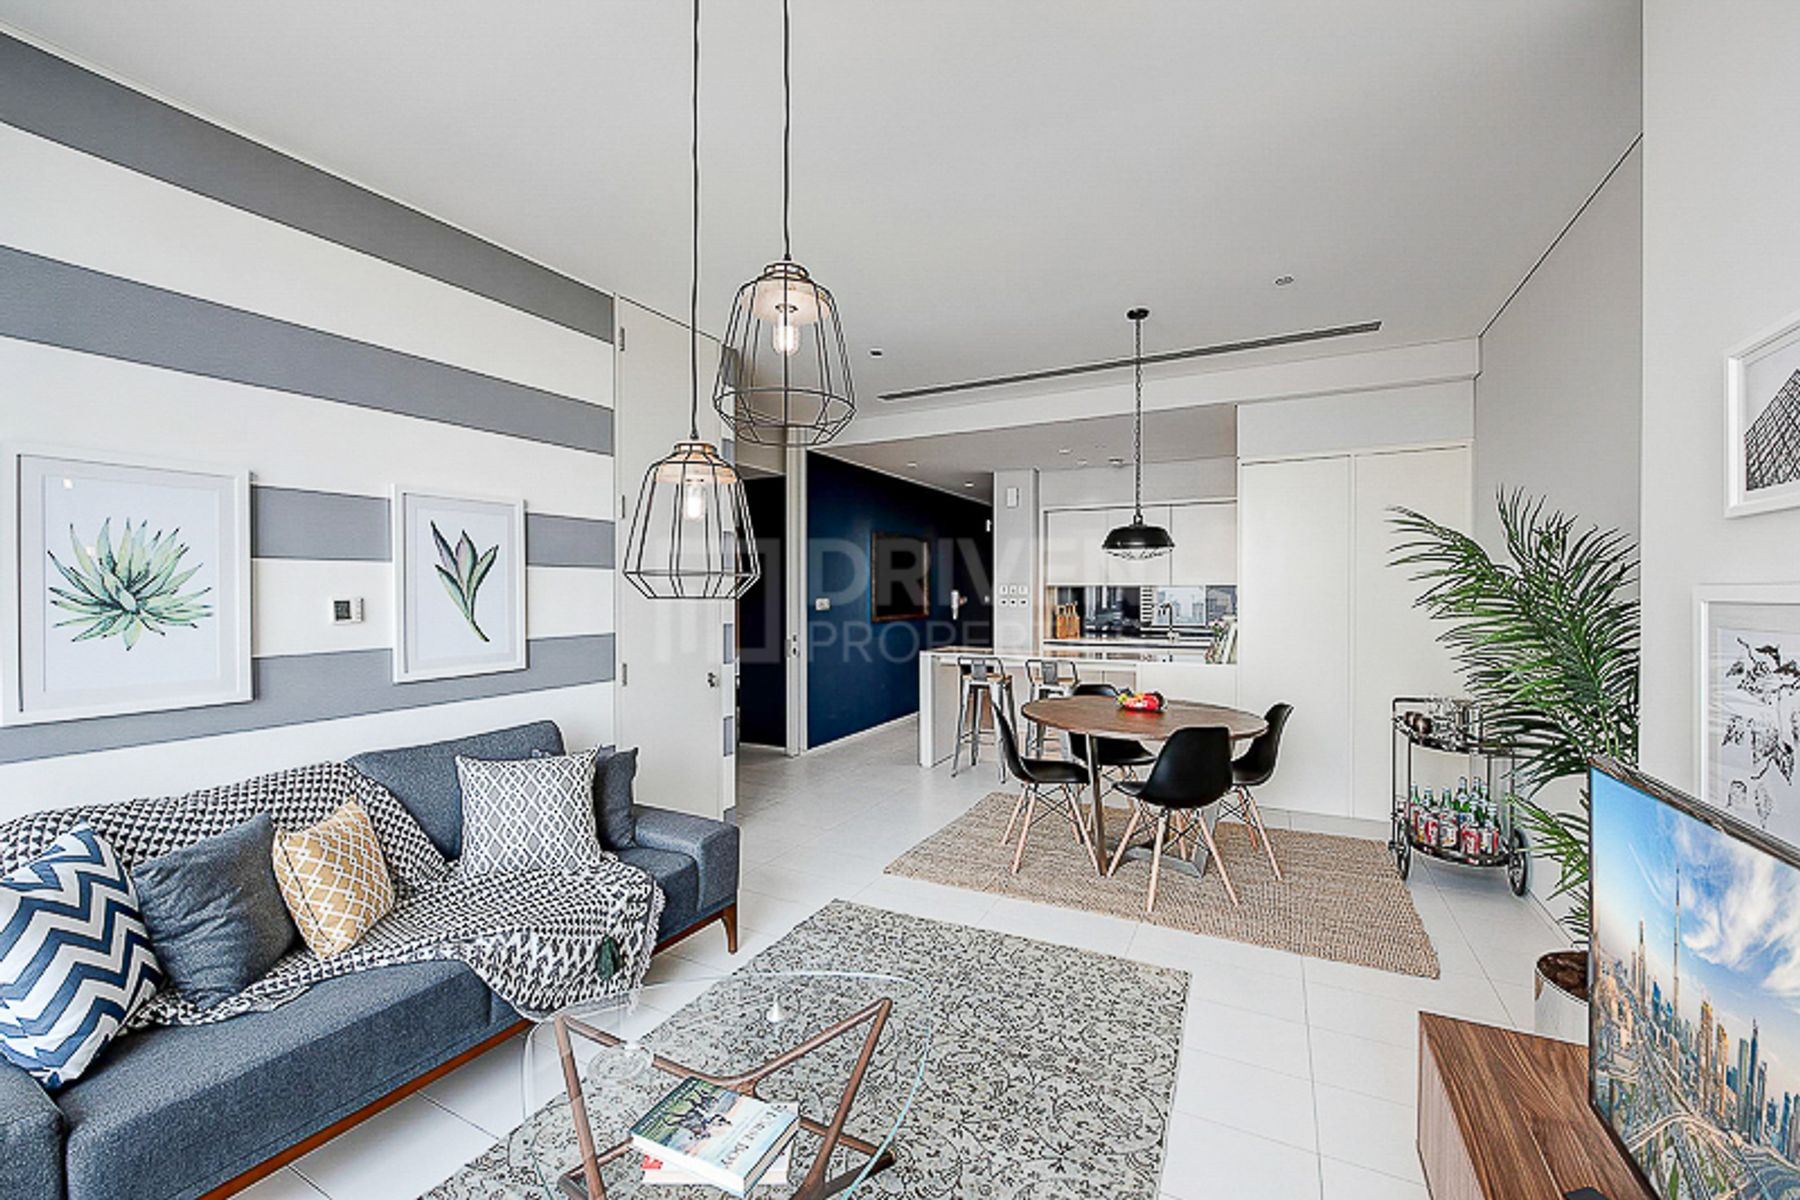 1,012 قدم مربع  شقة - للبيع - مركز دبي المالي العالمي